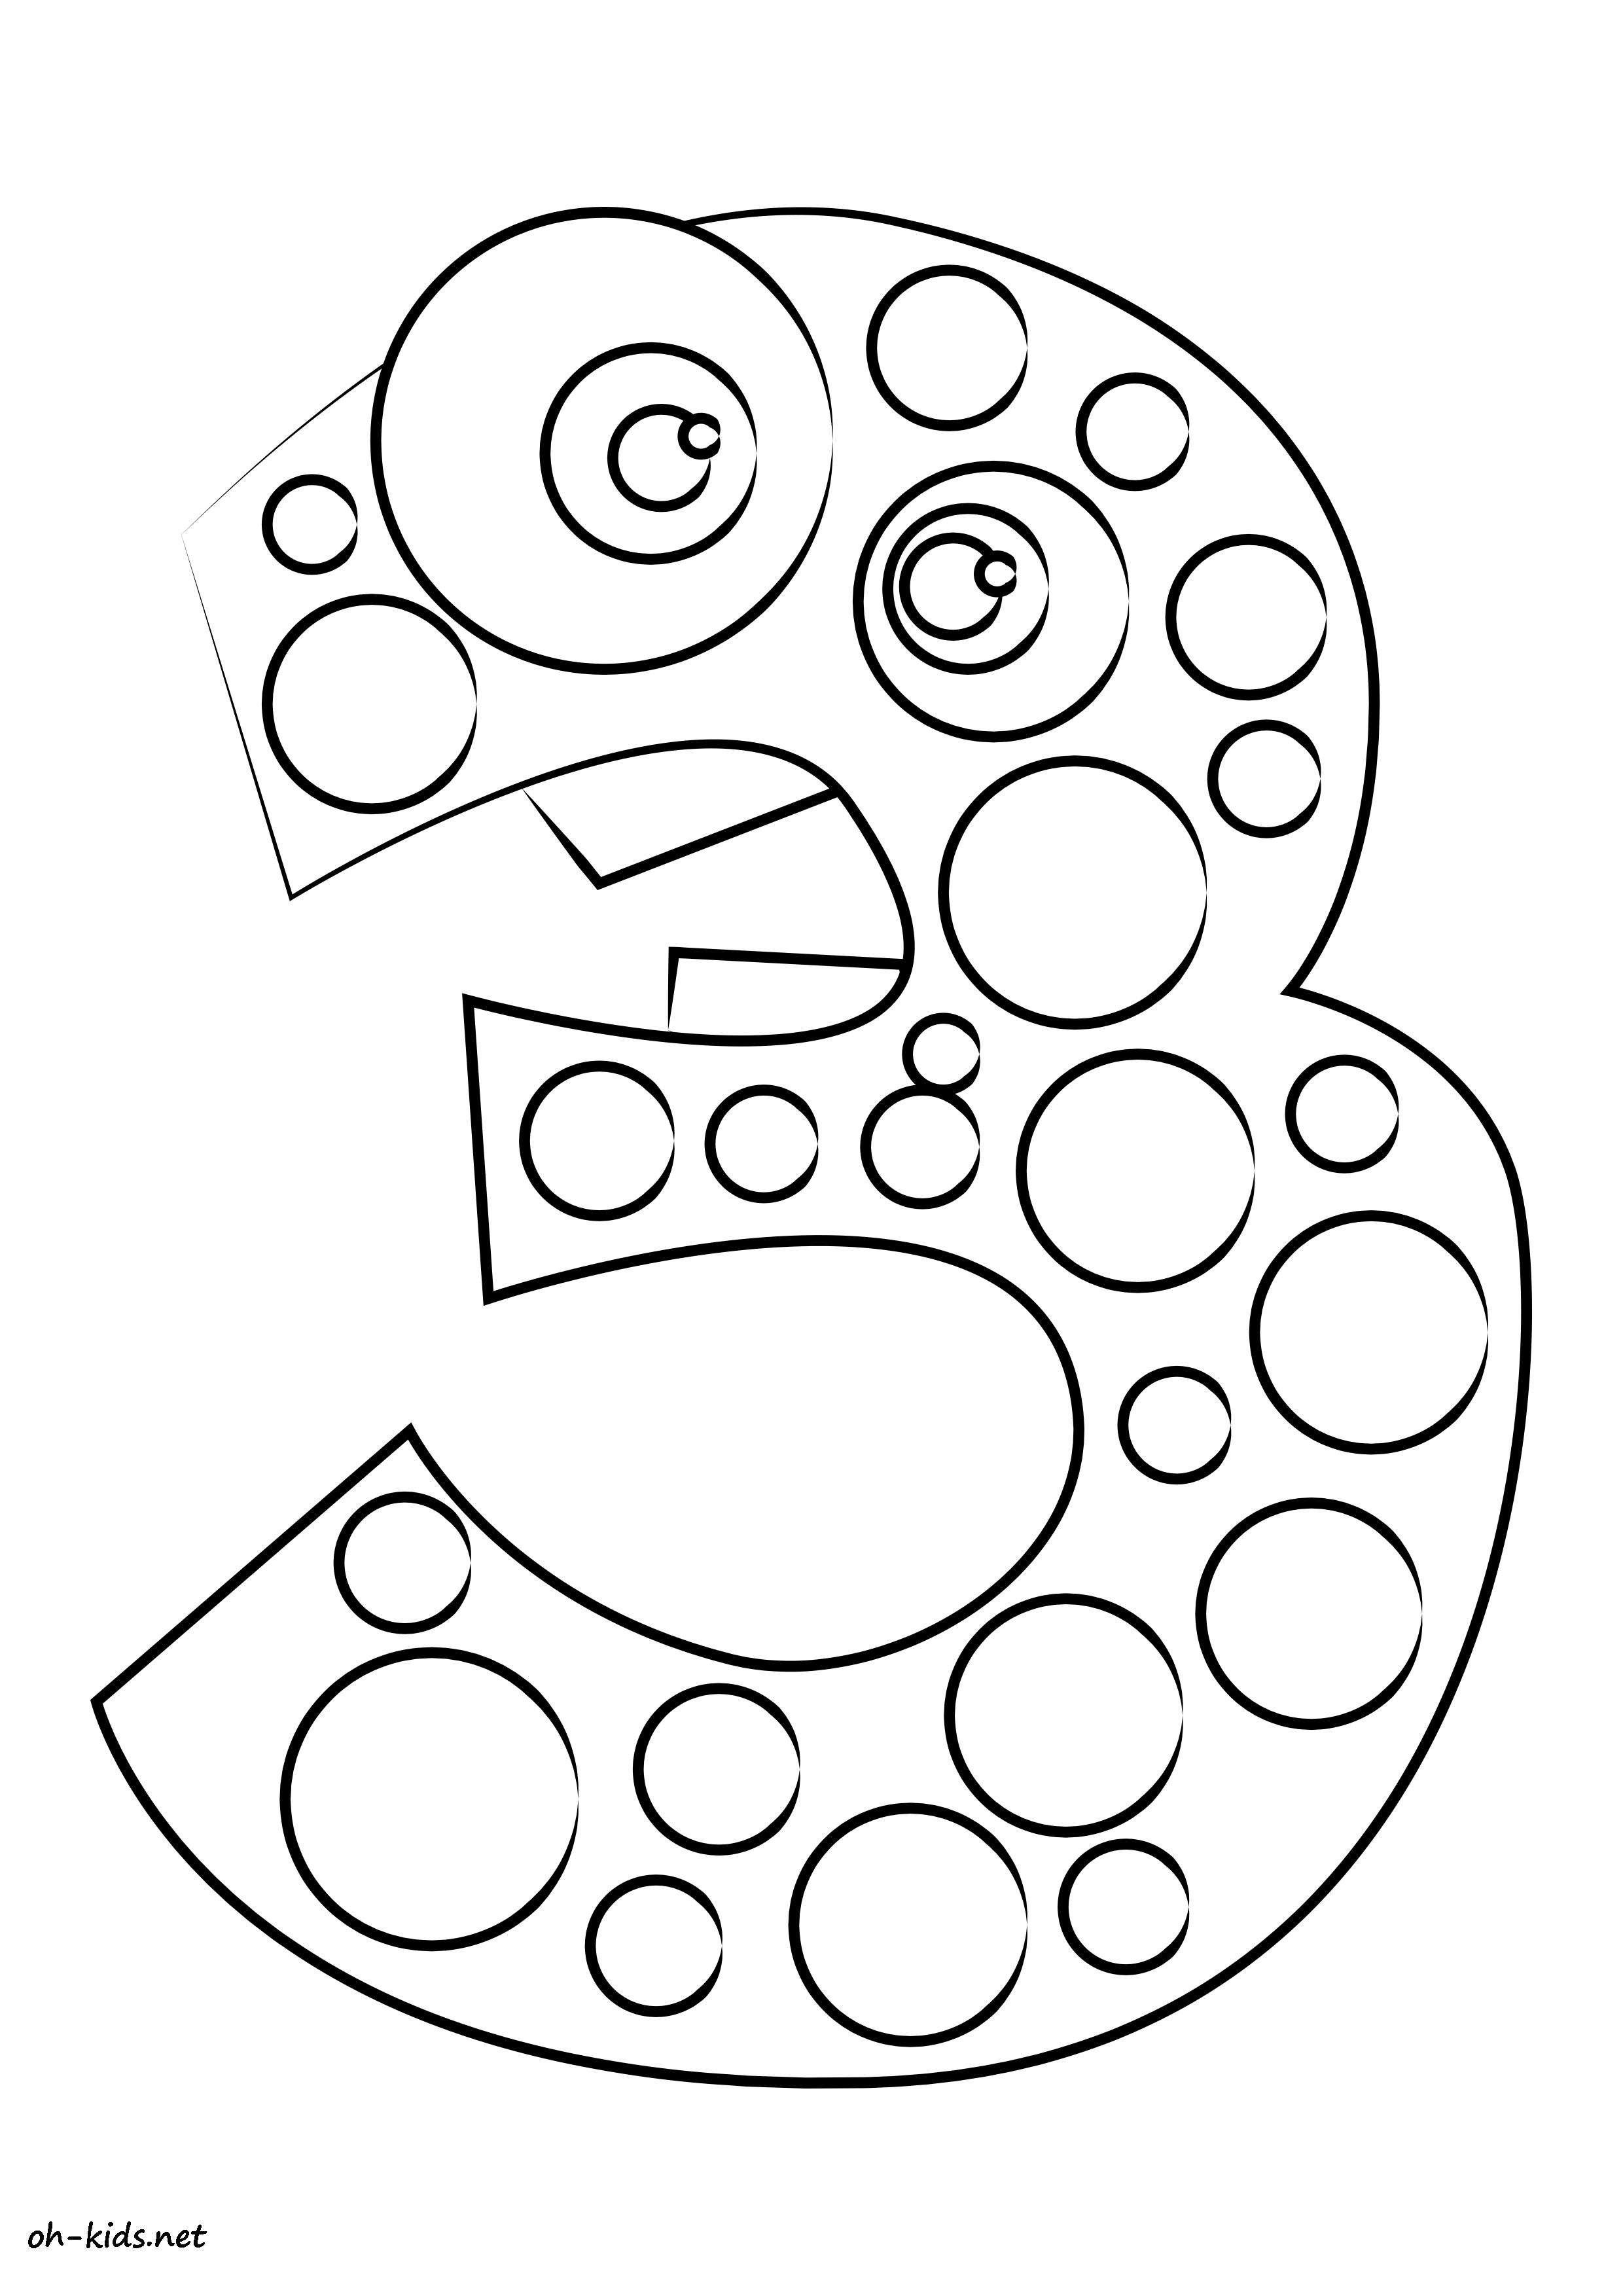 Chiffre 4 dessin beautiful coloriage a chiffre coloriage - Chiffre a imprimer gratuit ...